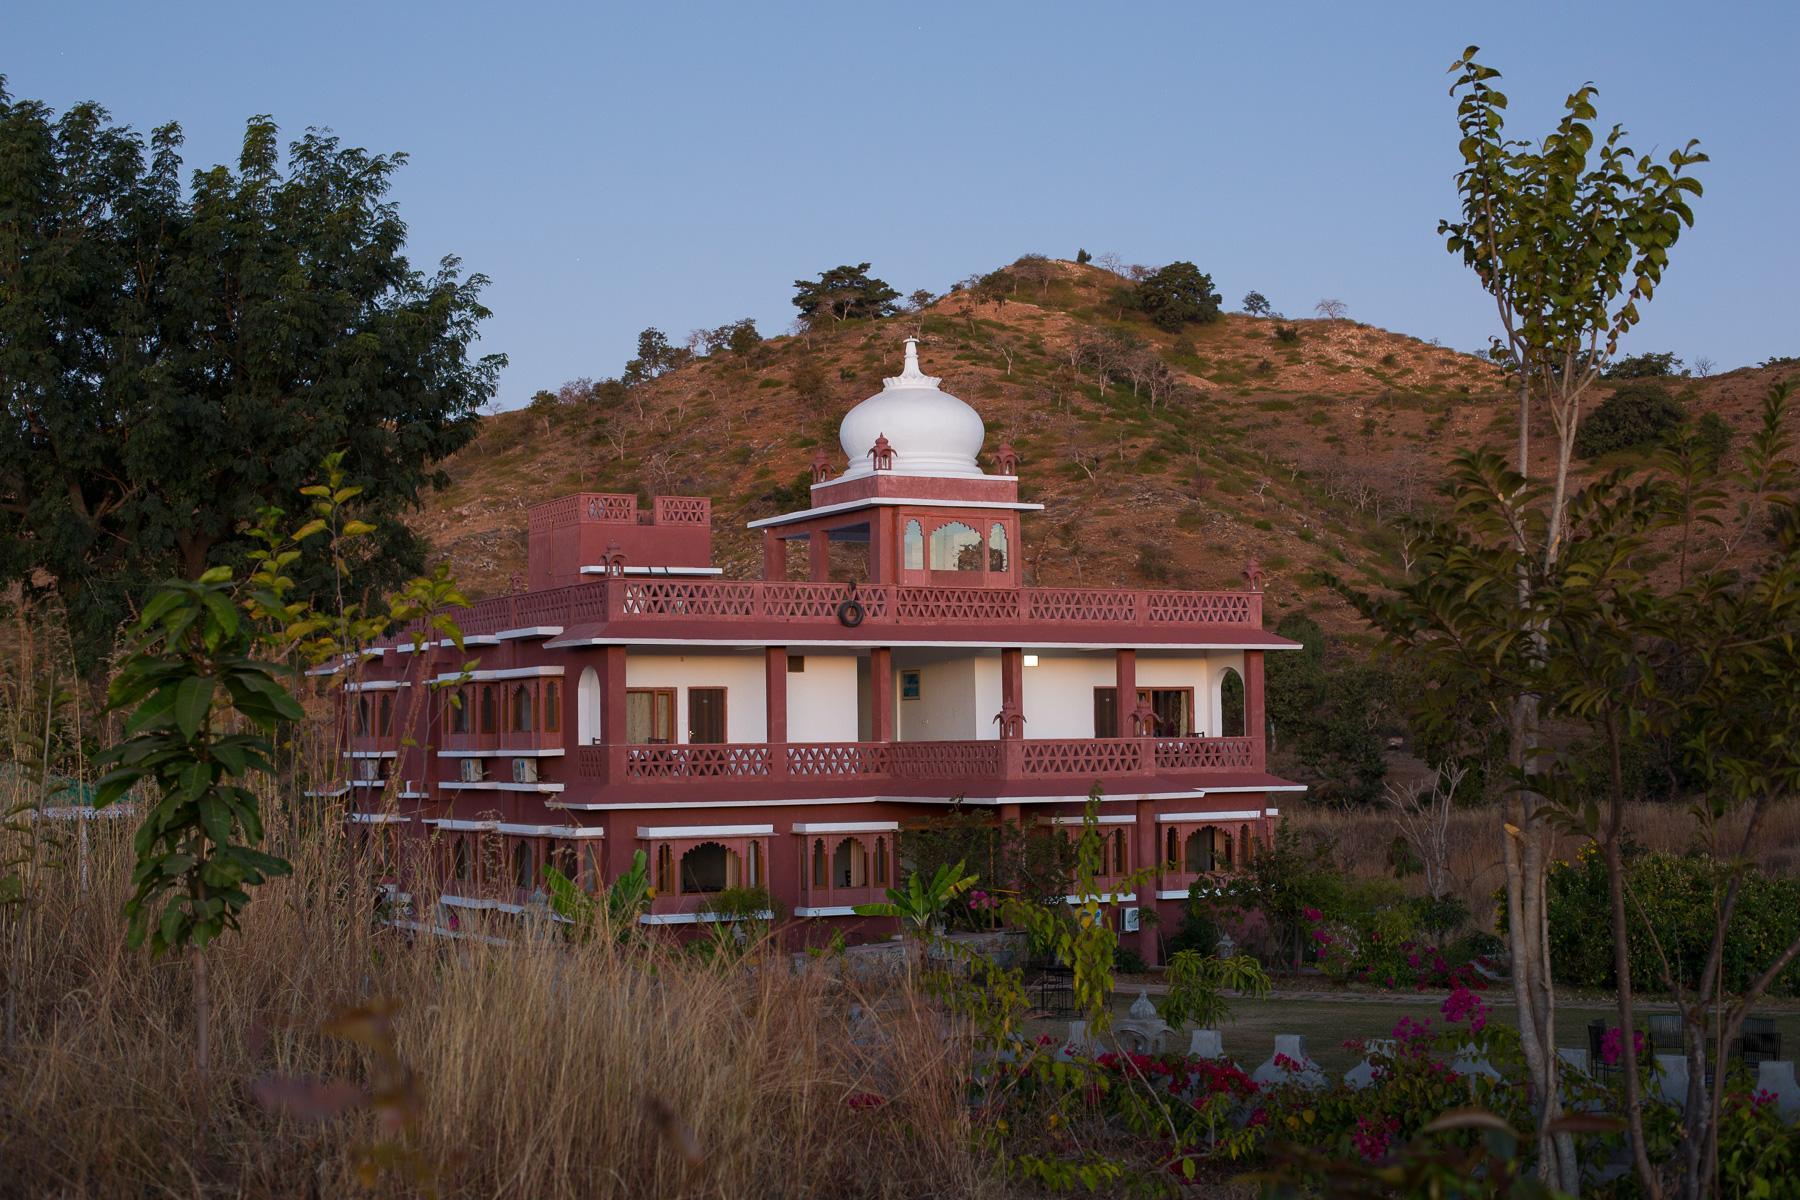 The Kumbhalmer Resort & Spa